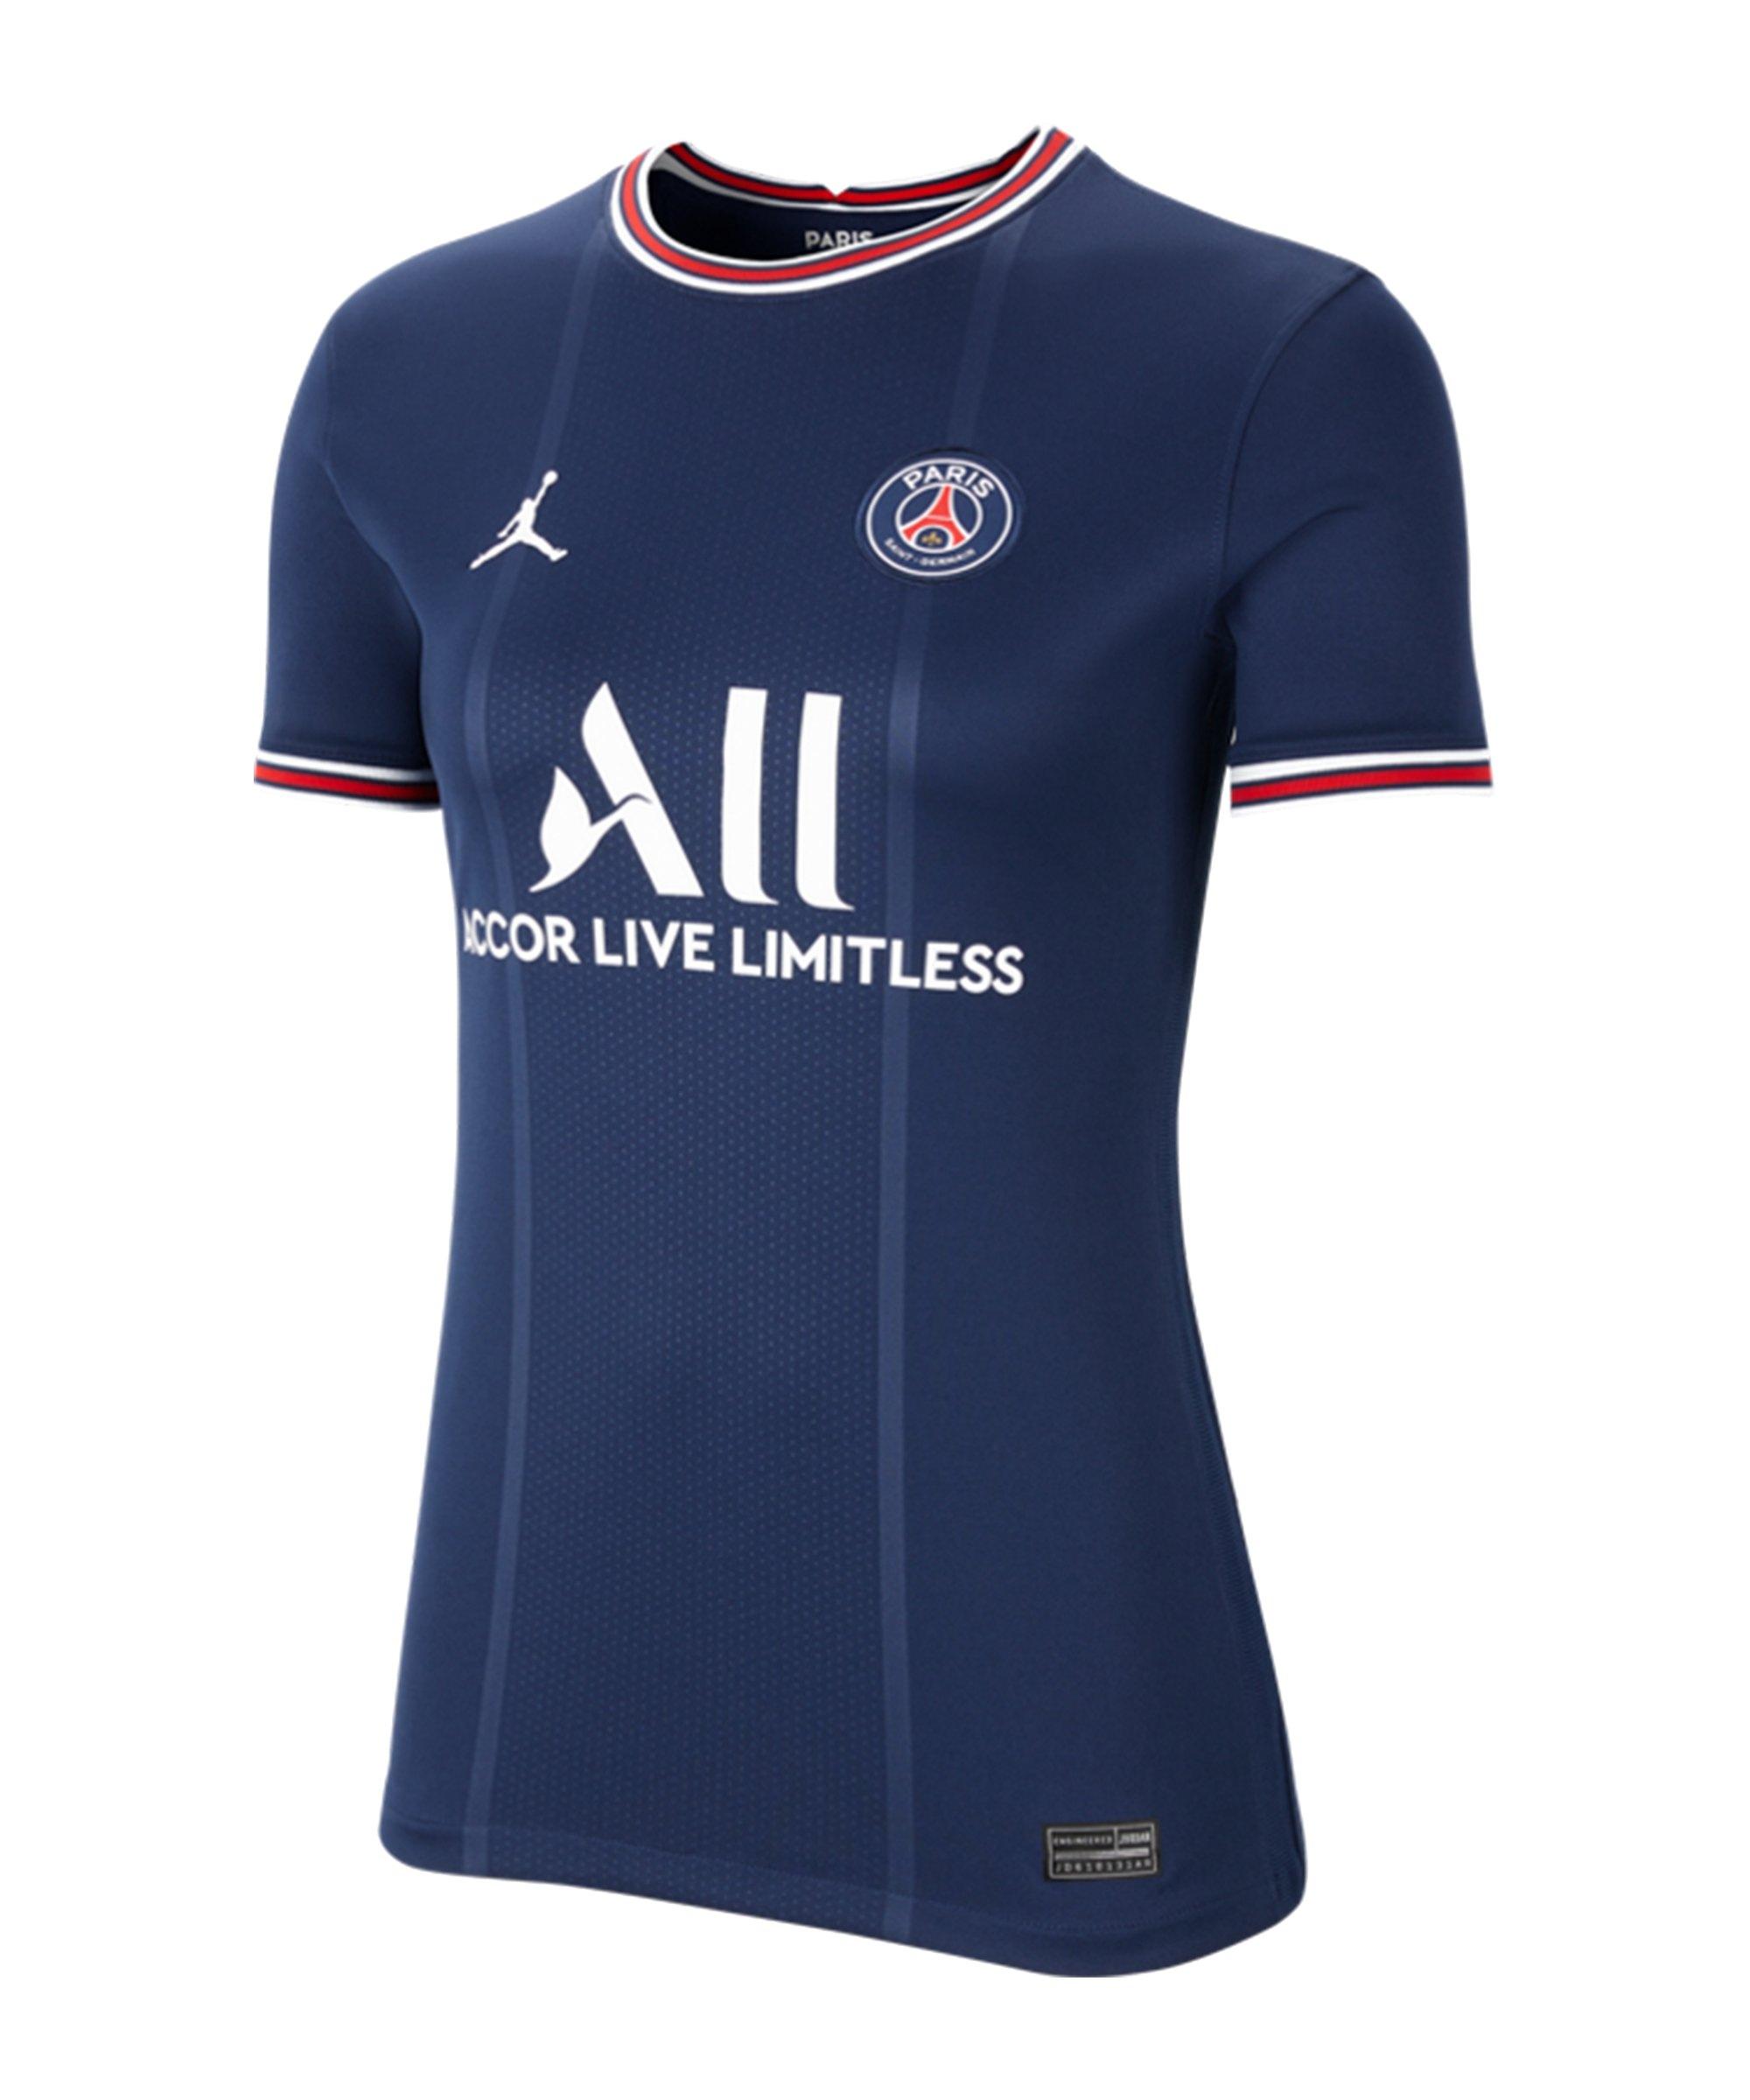 Jordan Paris St. Germain Trikot Home 2021/2022 Damen Blau F411 - blau